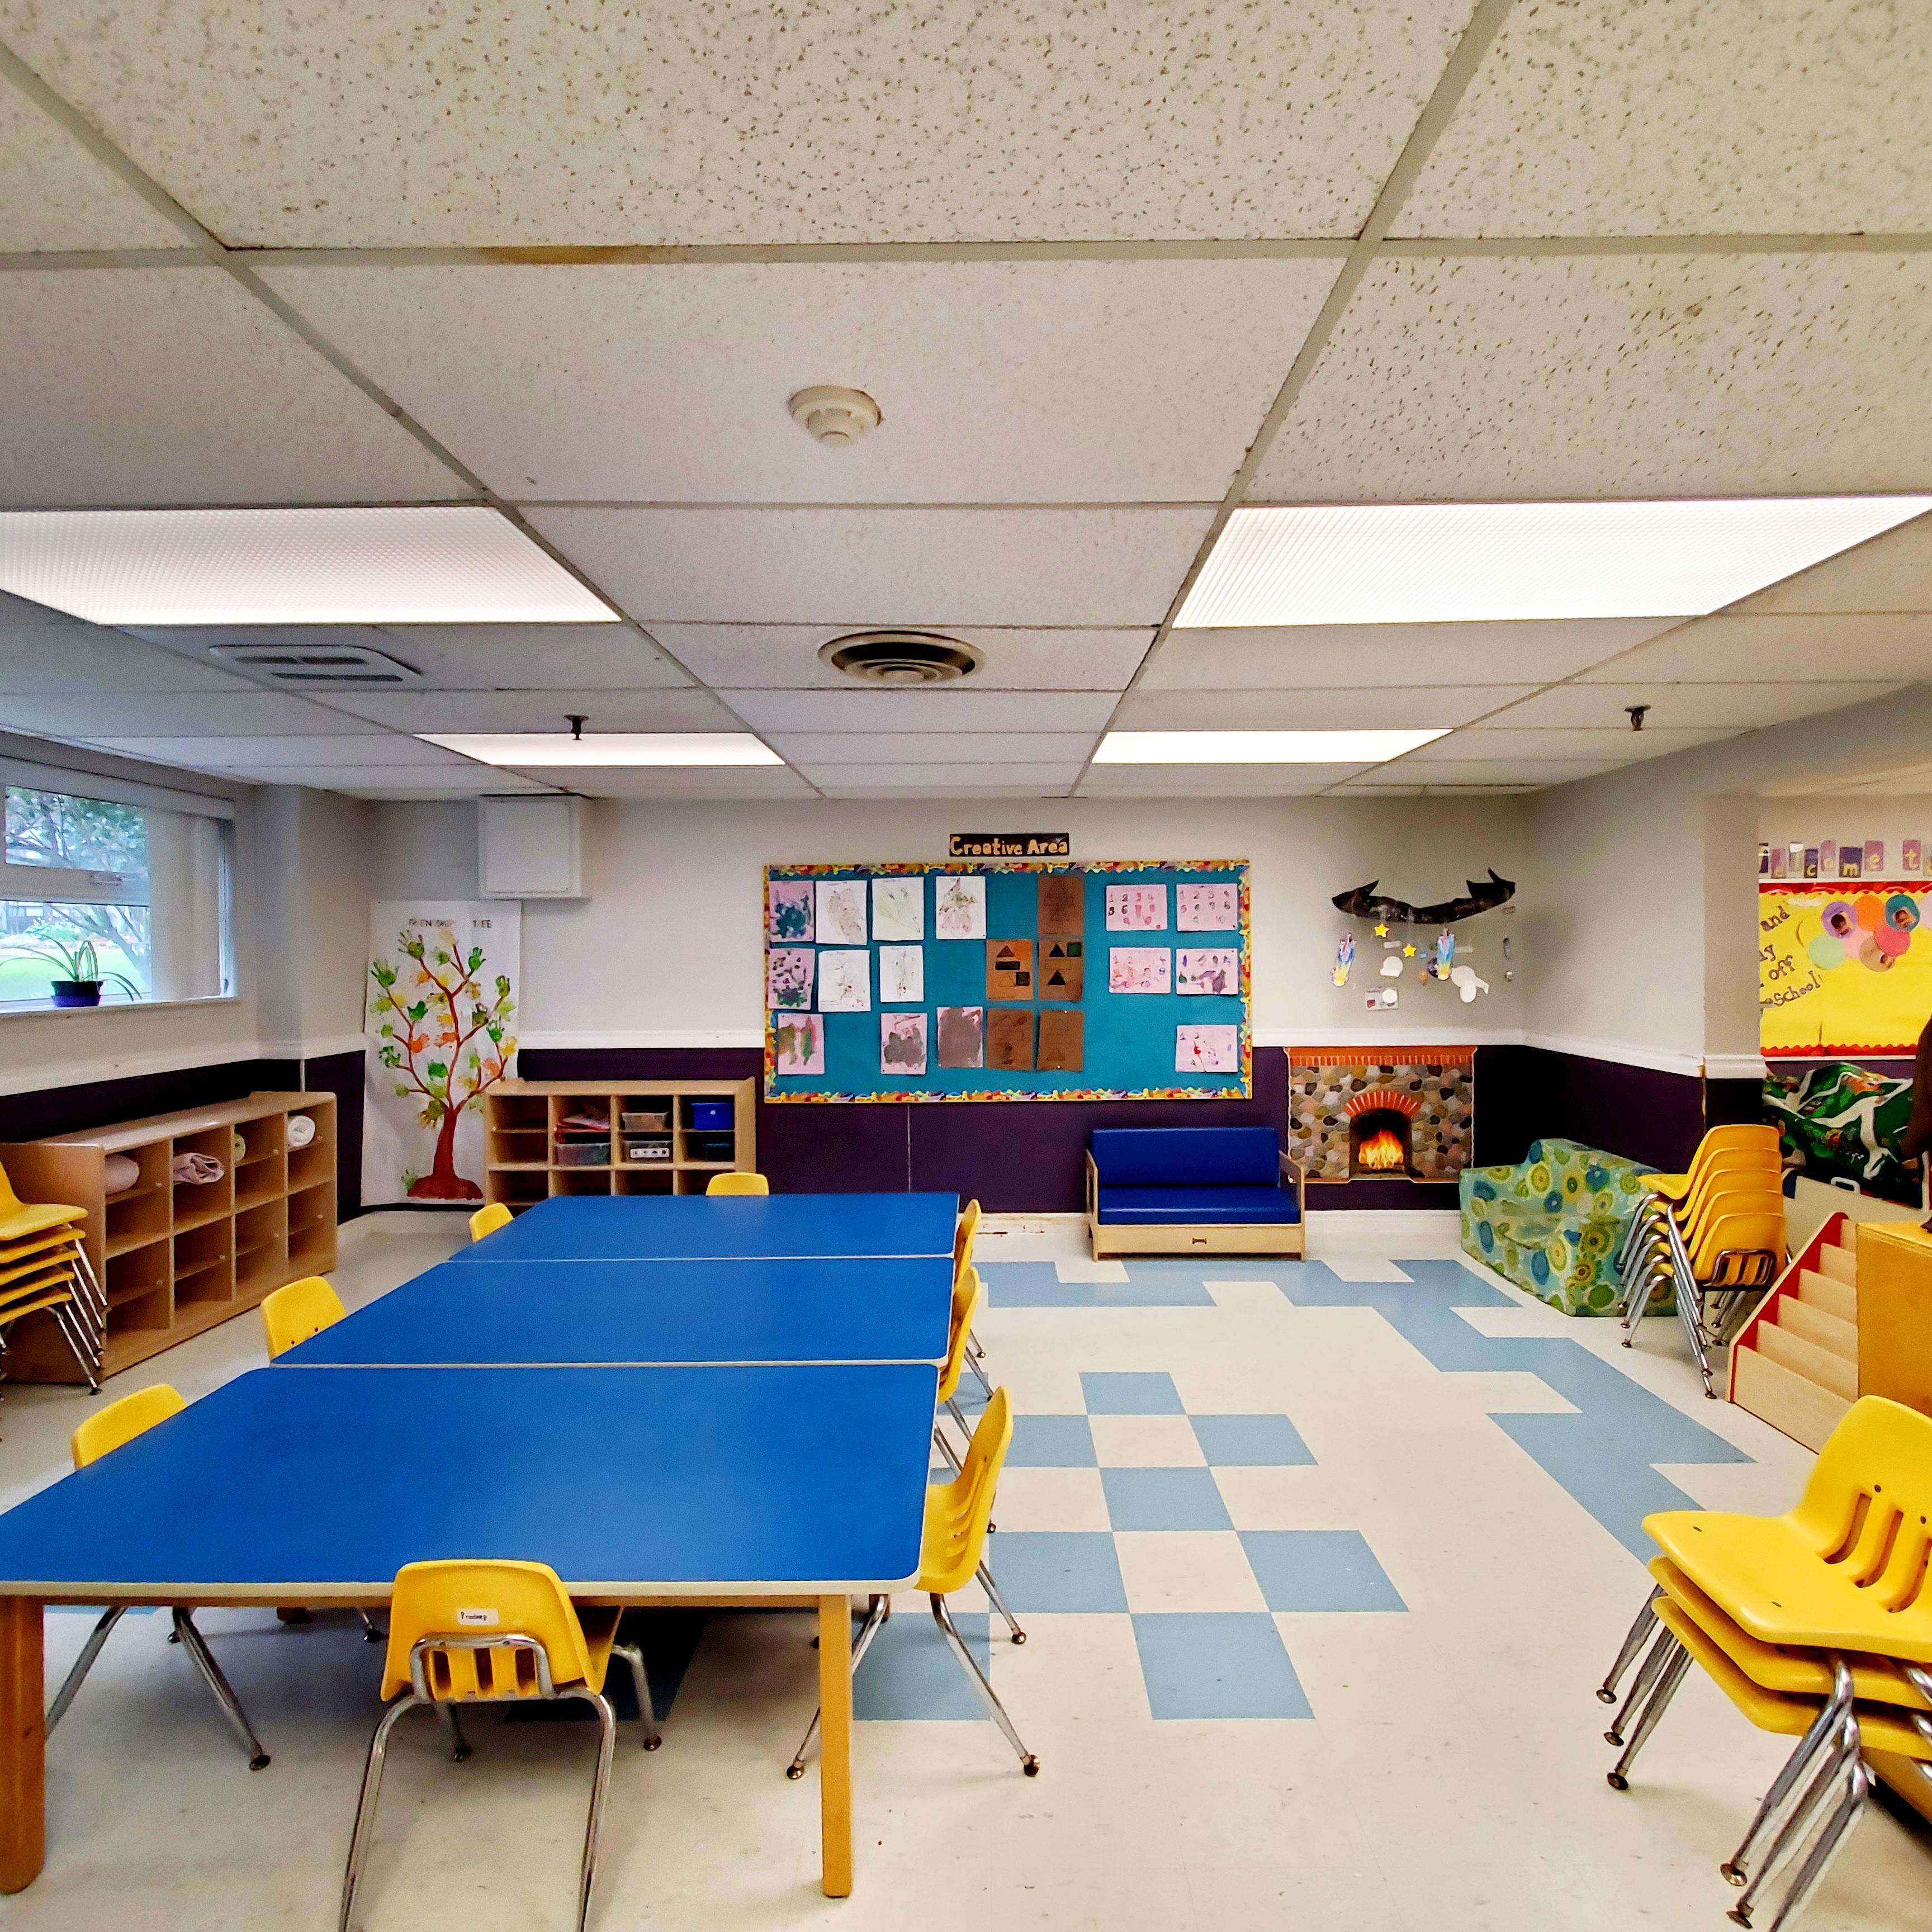 Preschool 1 Room